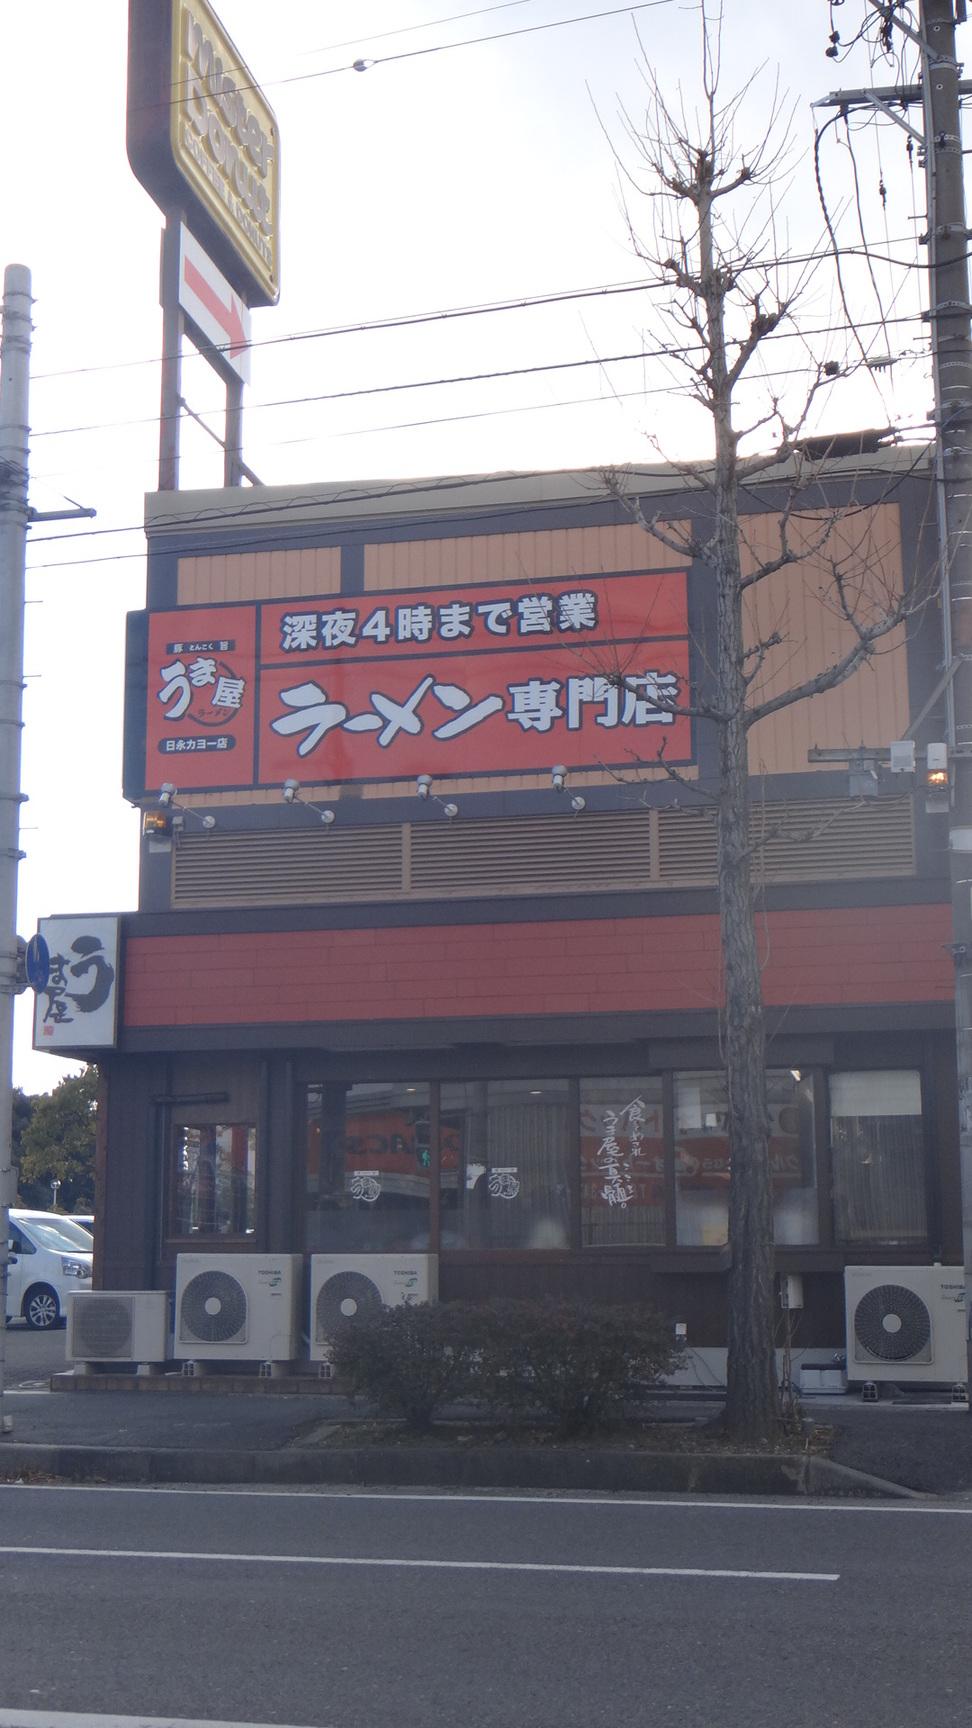 うま屋ラーメン 四日市日永カヨー店